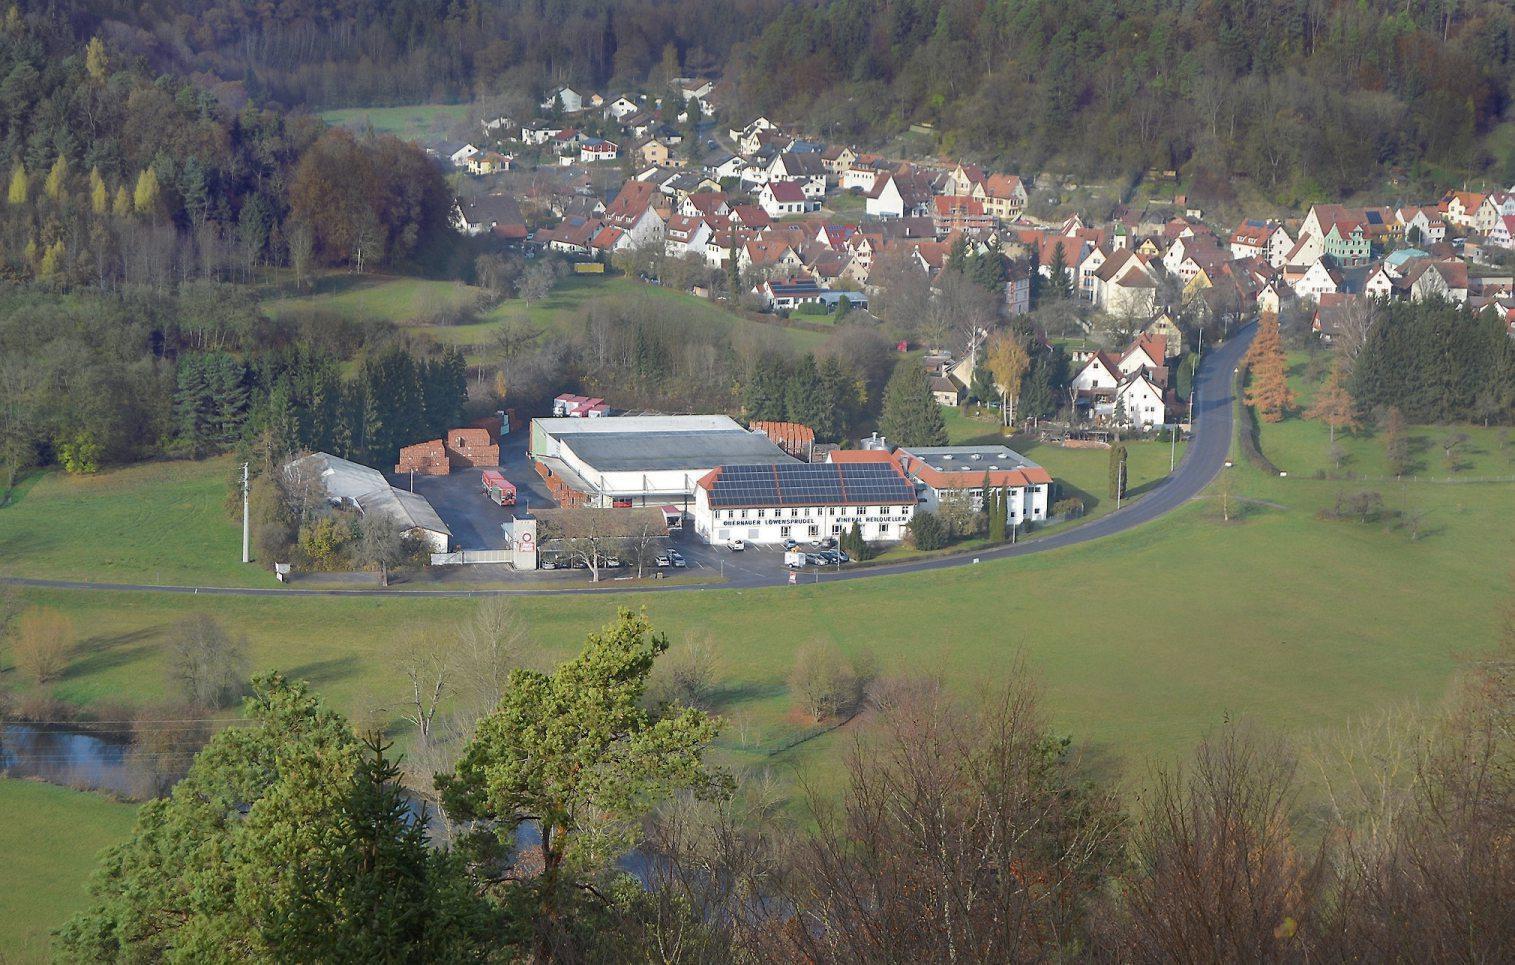 Das Firmengelände der Mineralheilquellen Löwen-Sprudel GmbH & Co. KG fügt sich harmonisch ins Neckartal ein. Privatbilder